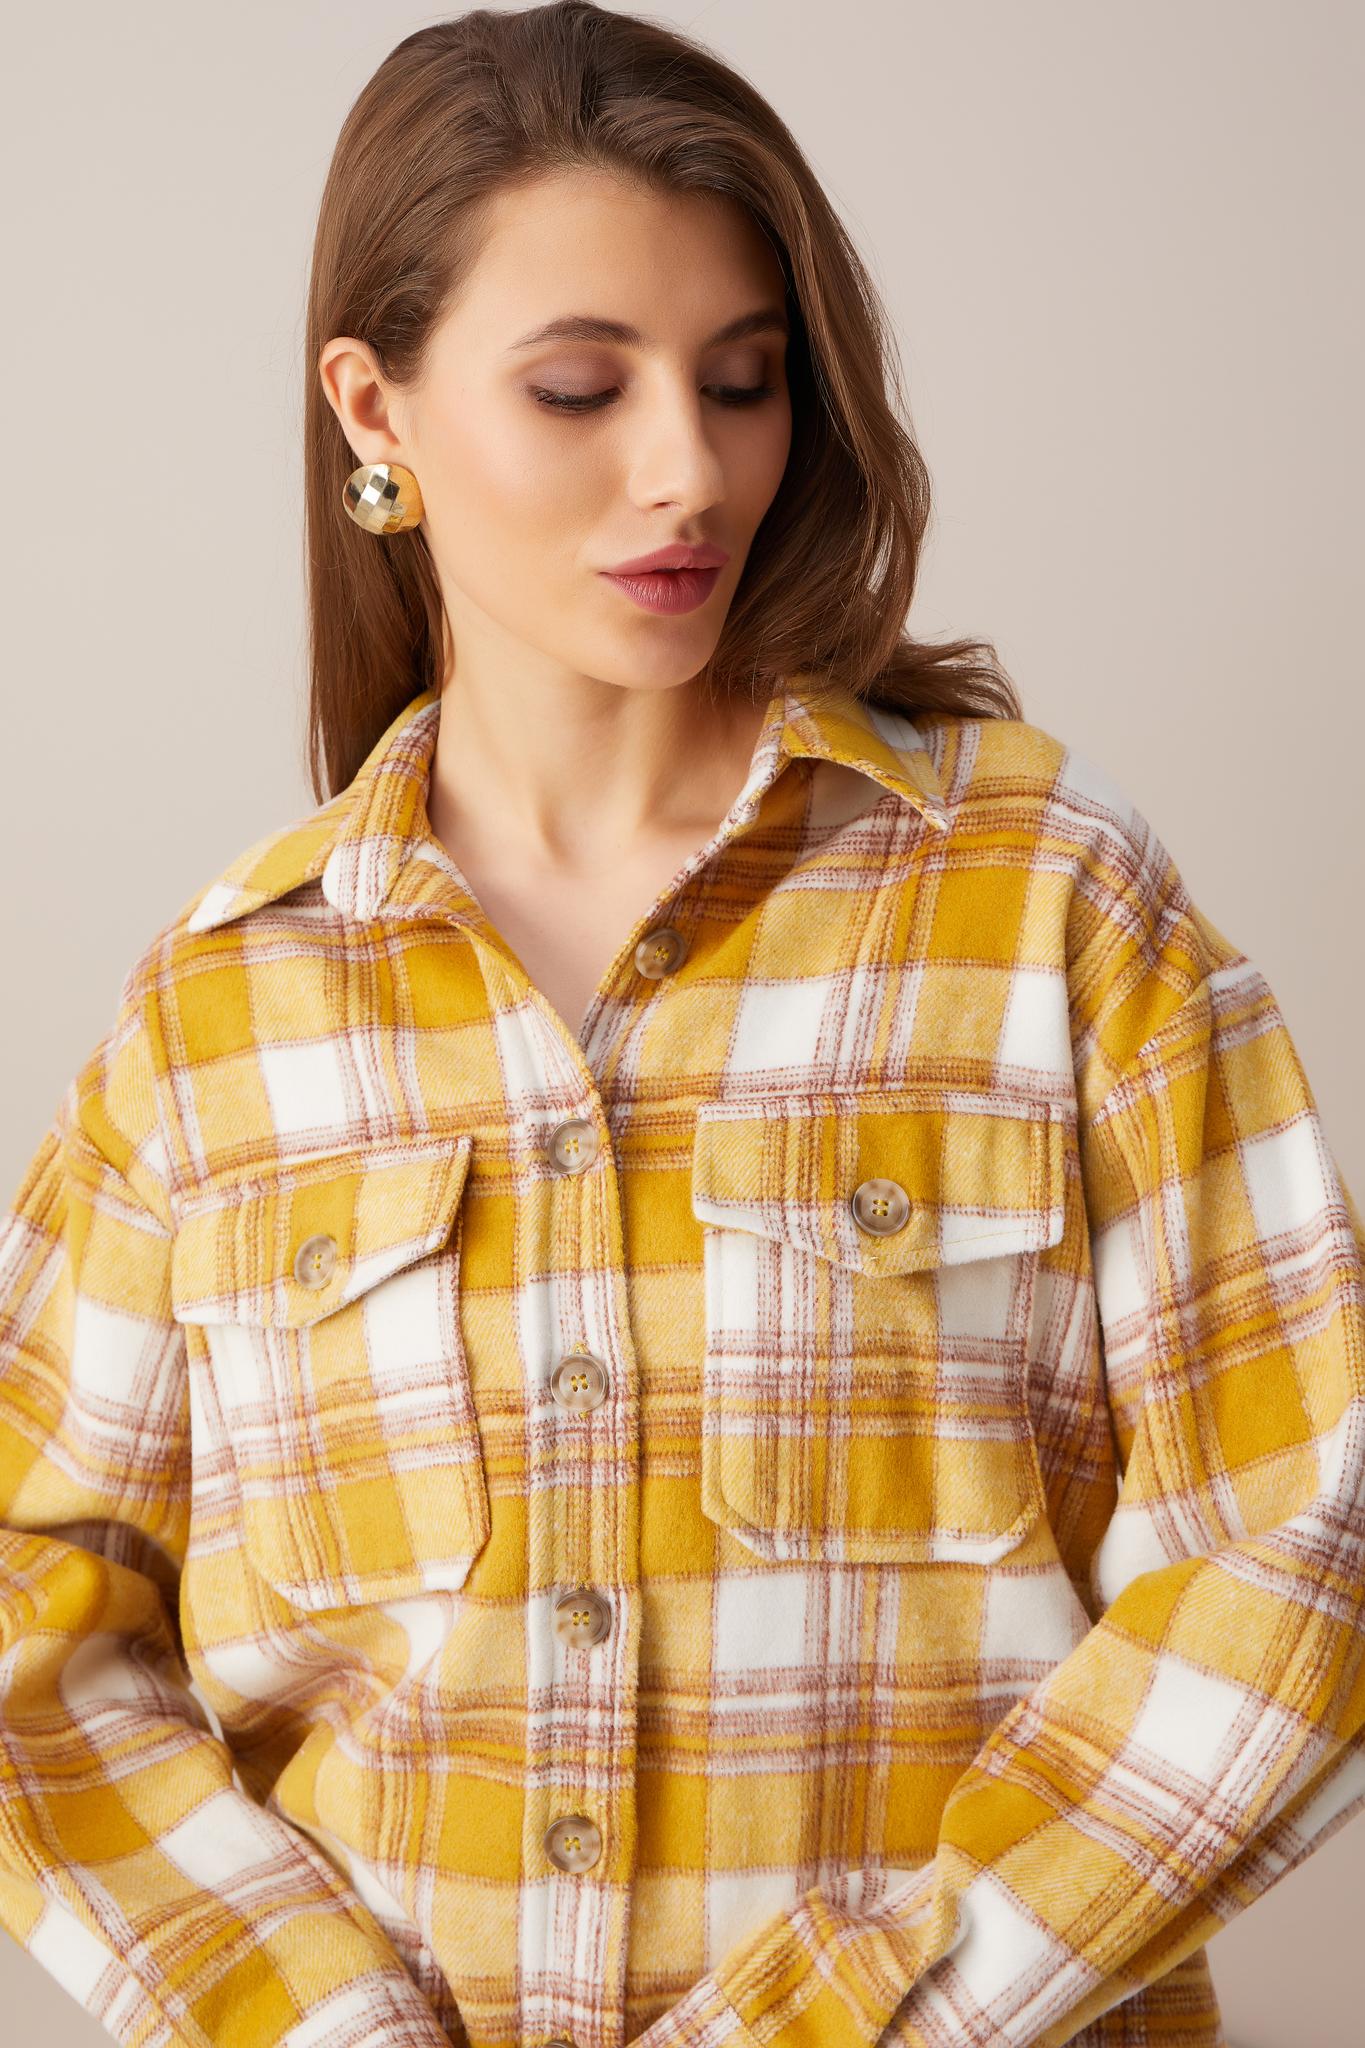 Рубашка из шерсти свободного кроя (желтая клетка)